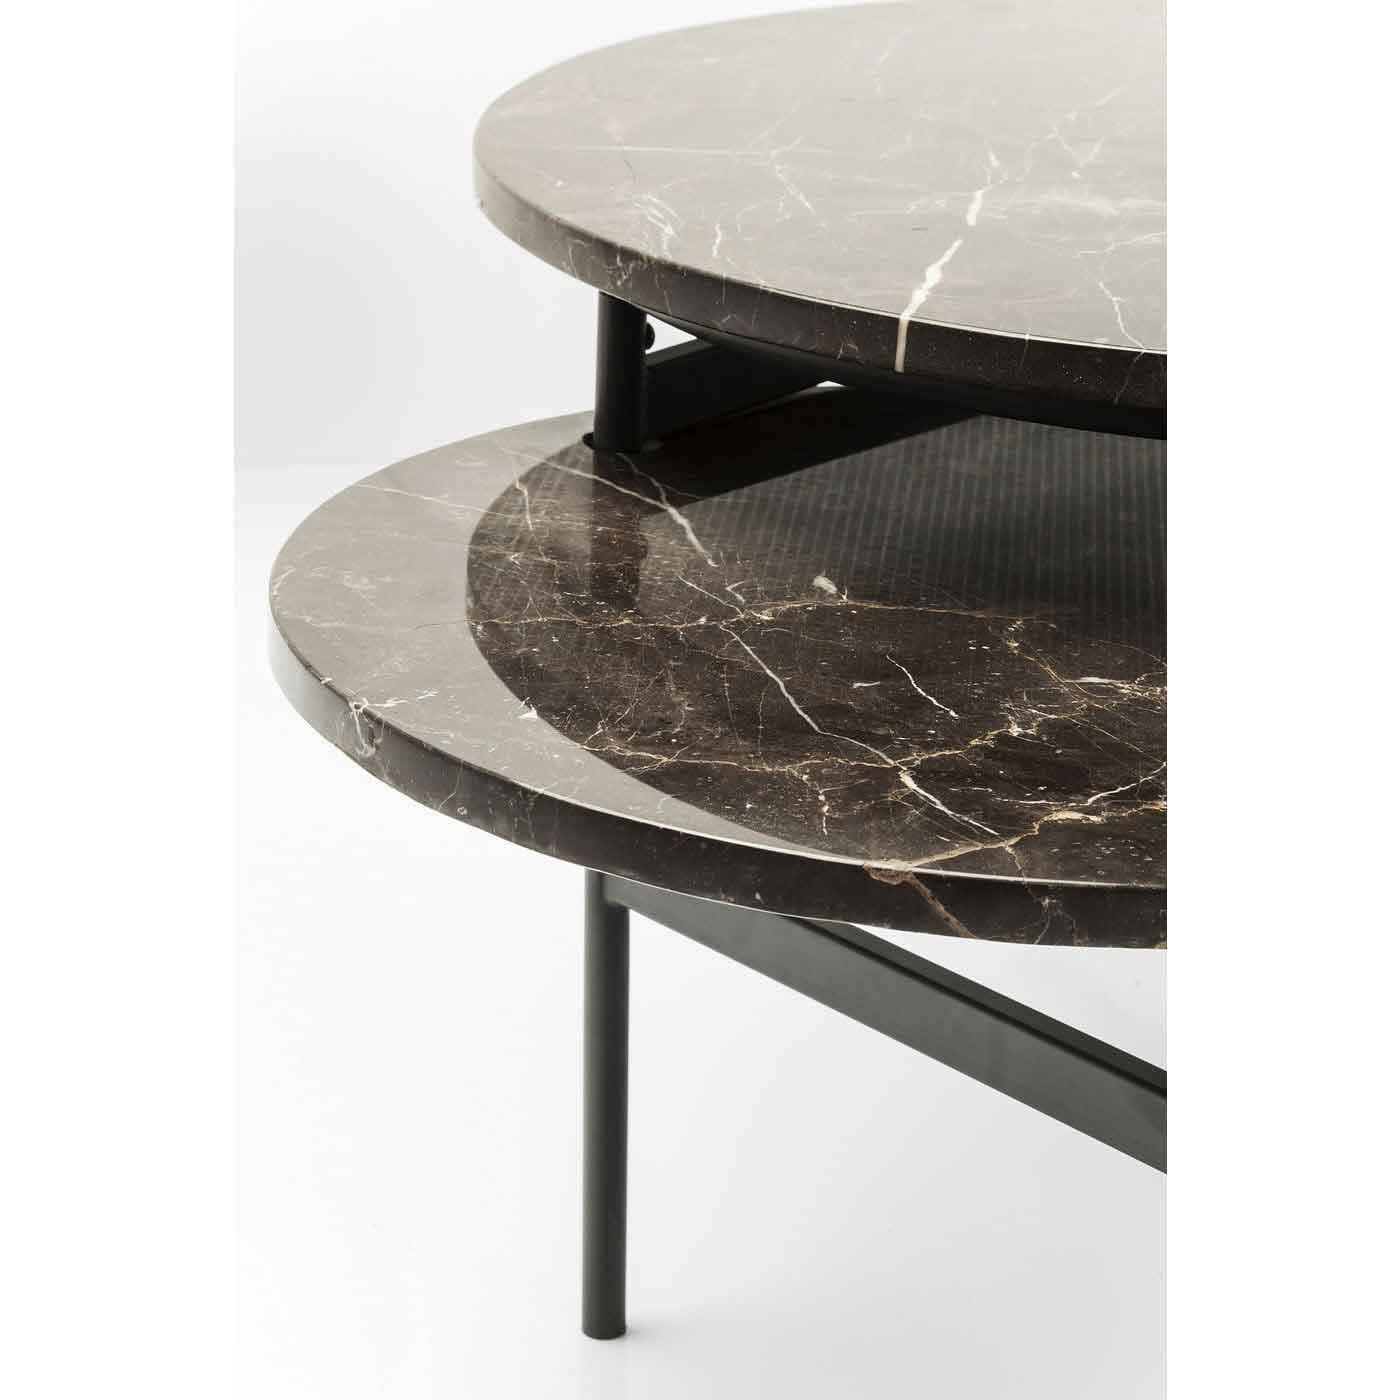 Kare Design Monocle Sofabord Brun Marmor M Stalben 110x60 Sofaborde Bobo Mobler Boligtilbehor Og Indretning Til Hjemmet